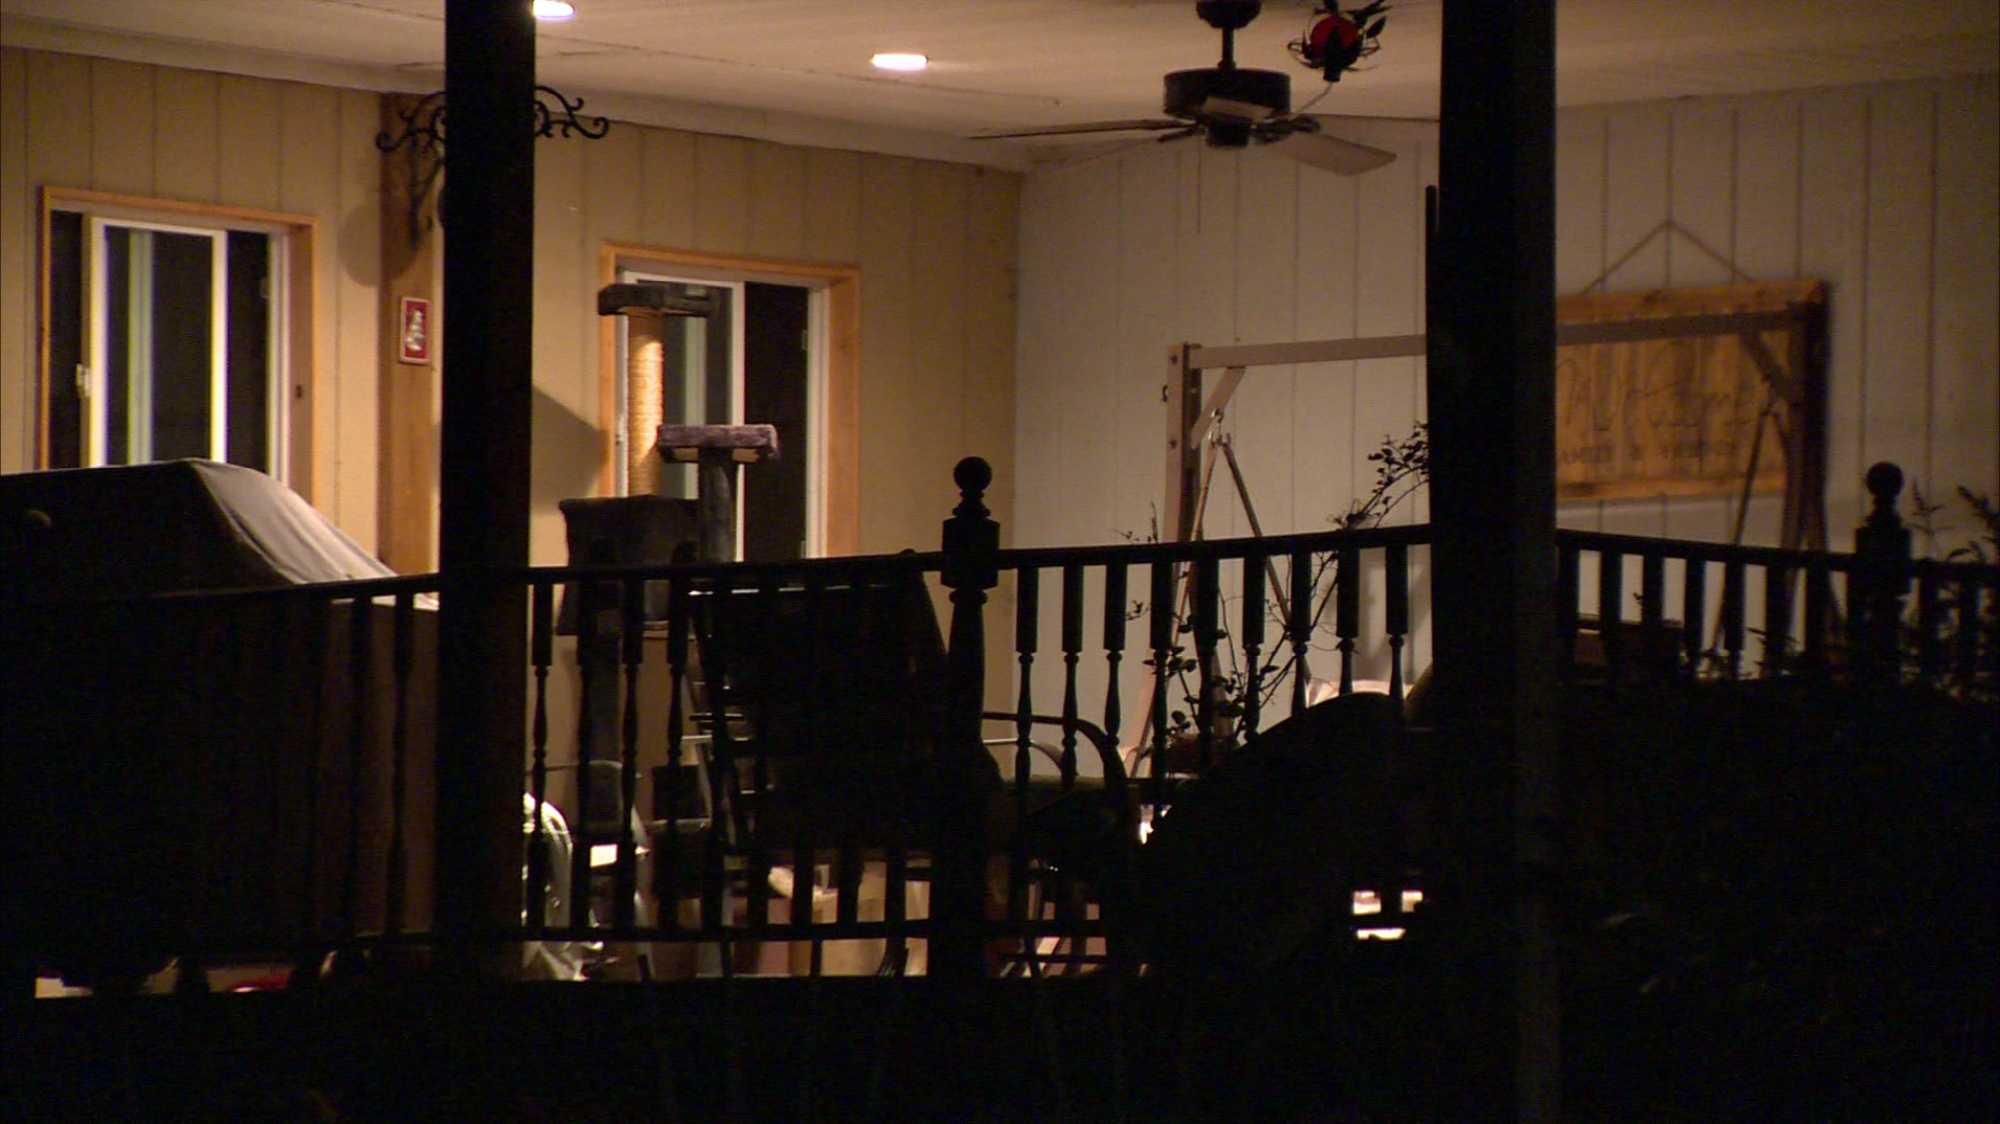 Penn Township shooting scene